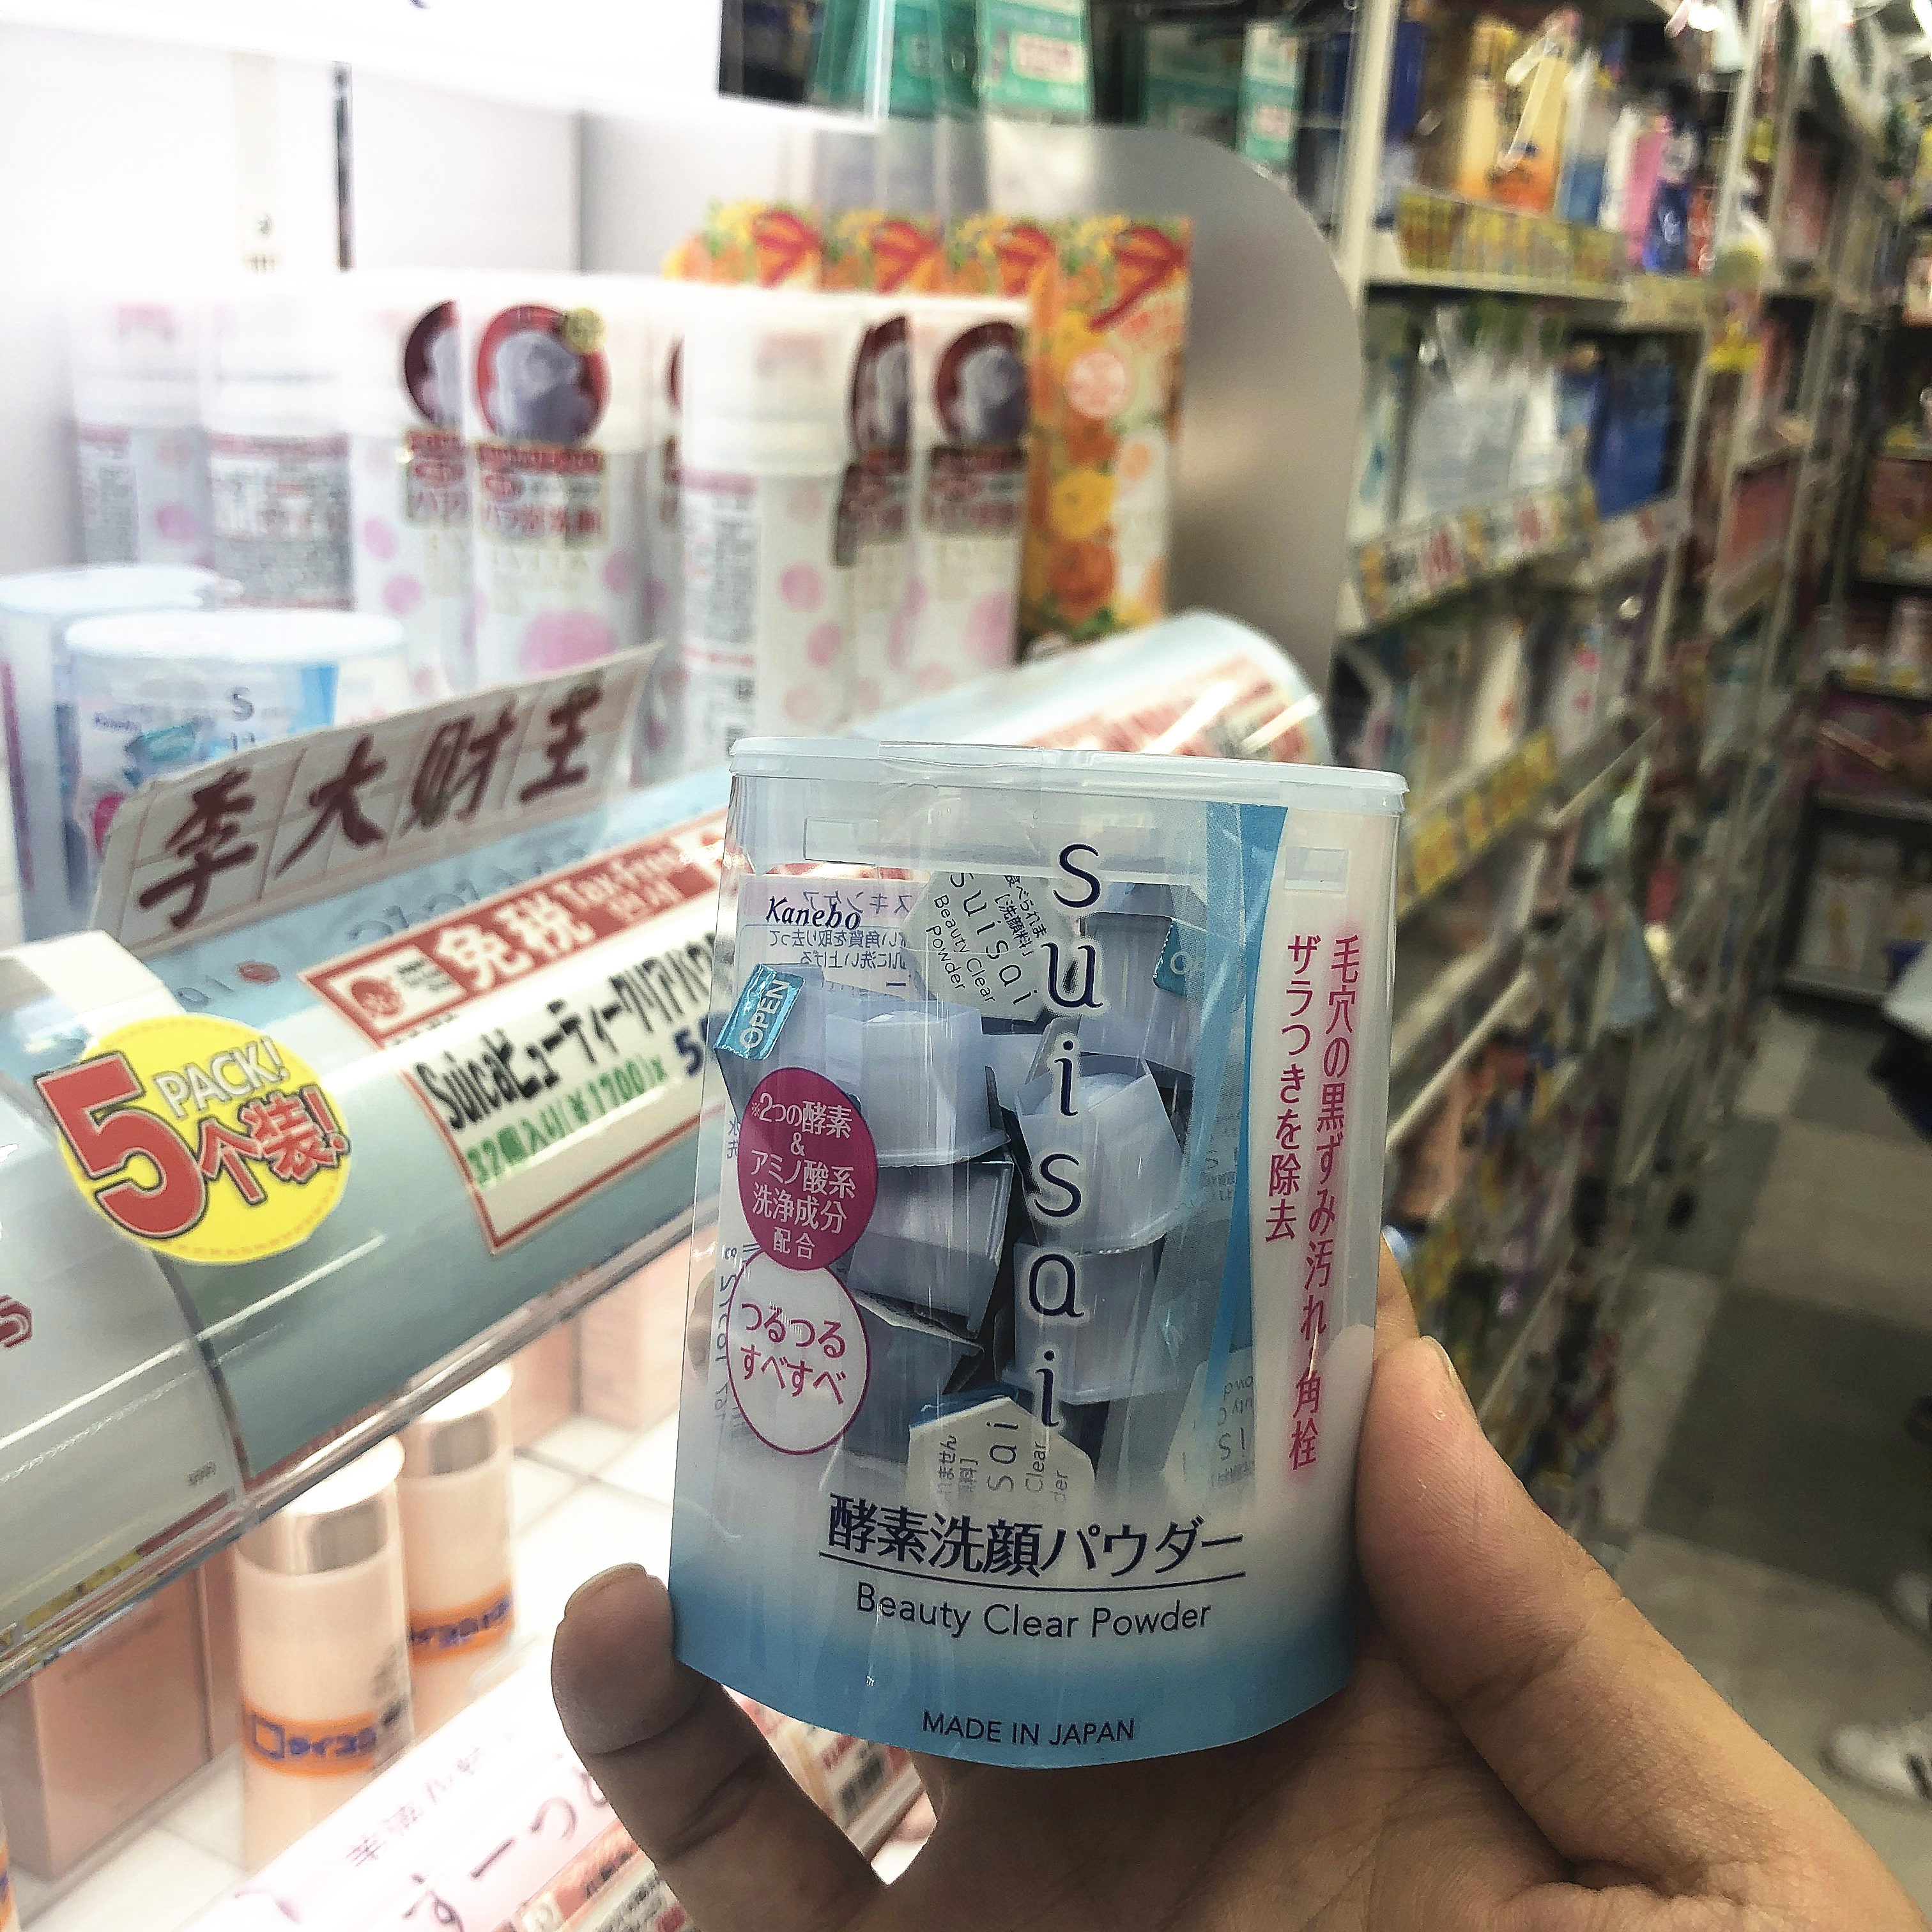 现货日本Kanebo嘉娜宝suisai酵素洁颜洗颜粉洁面粉去黑头粉刺角质